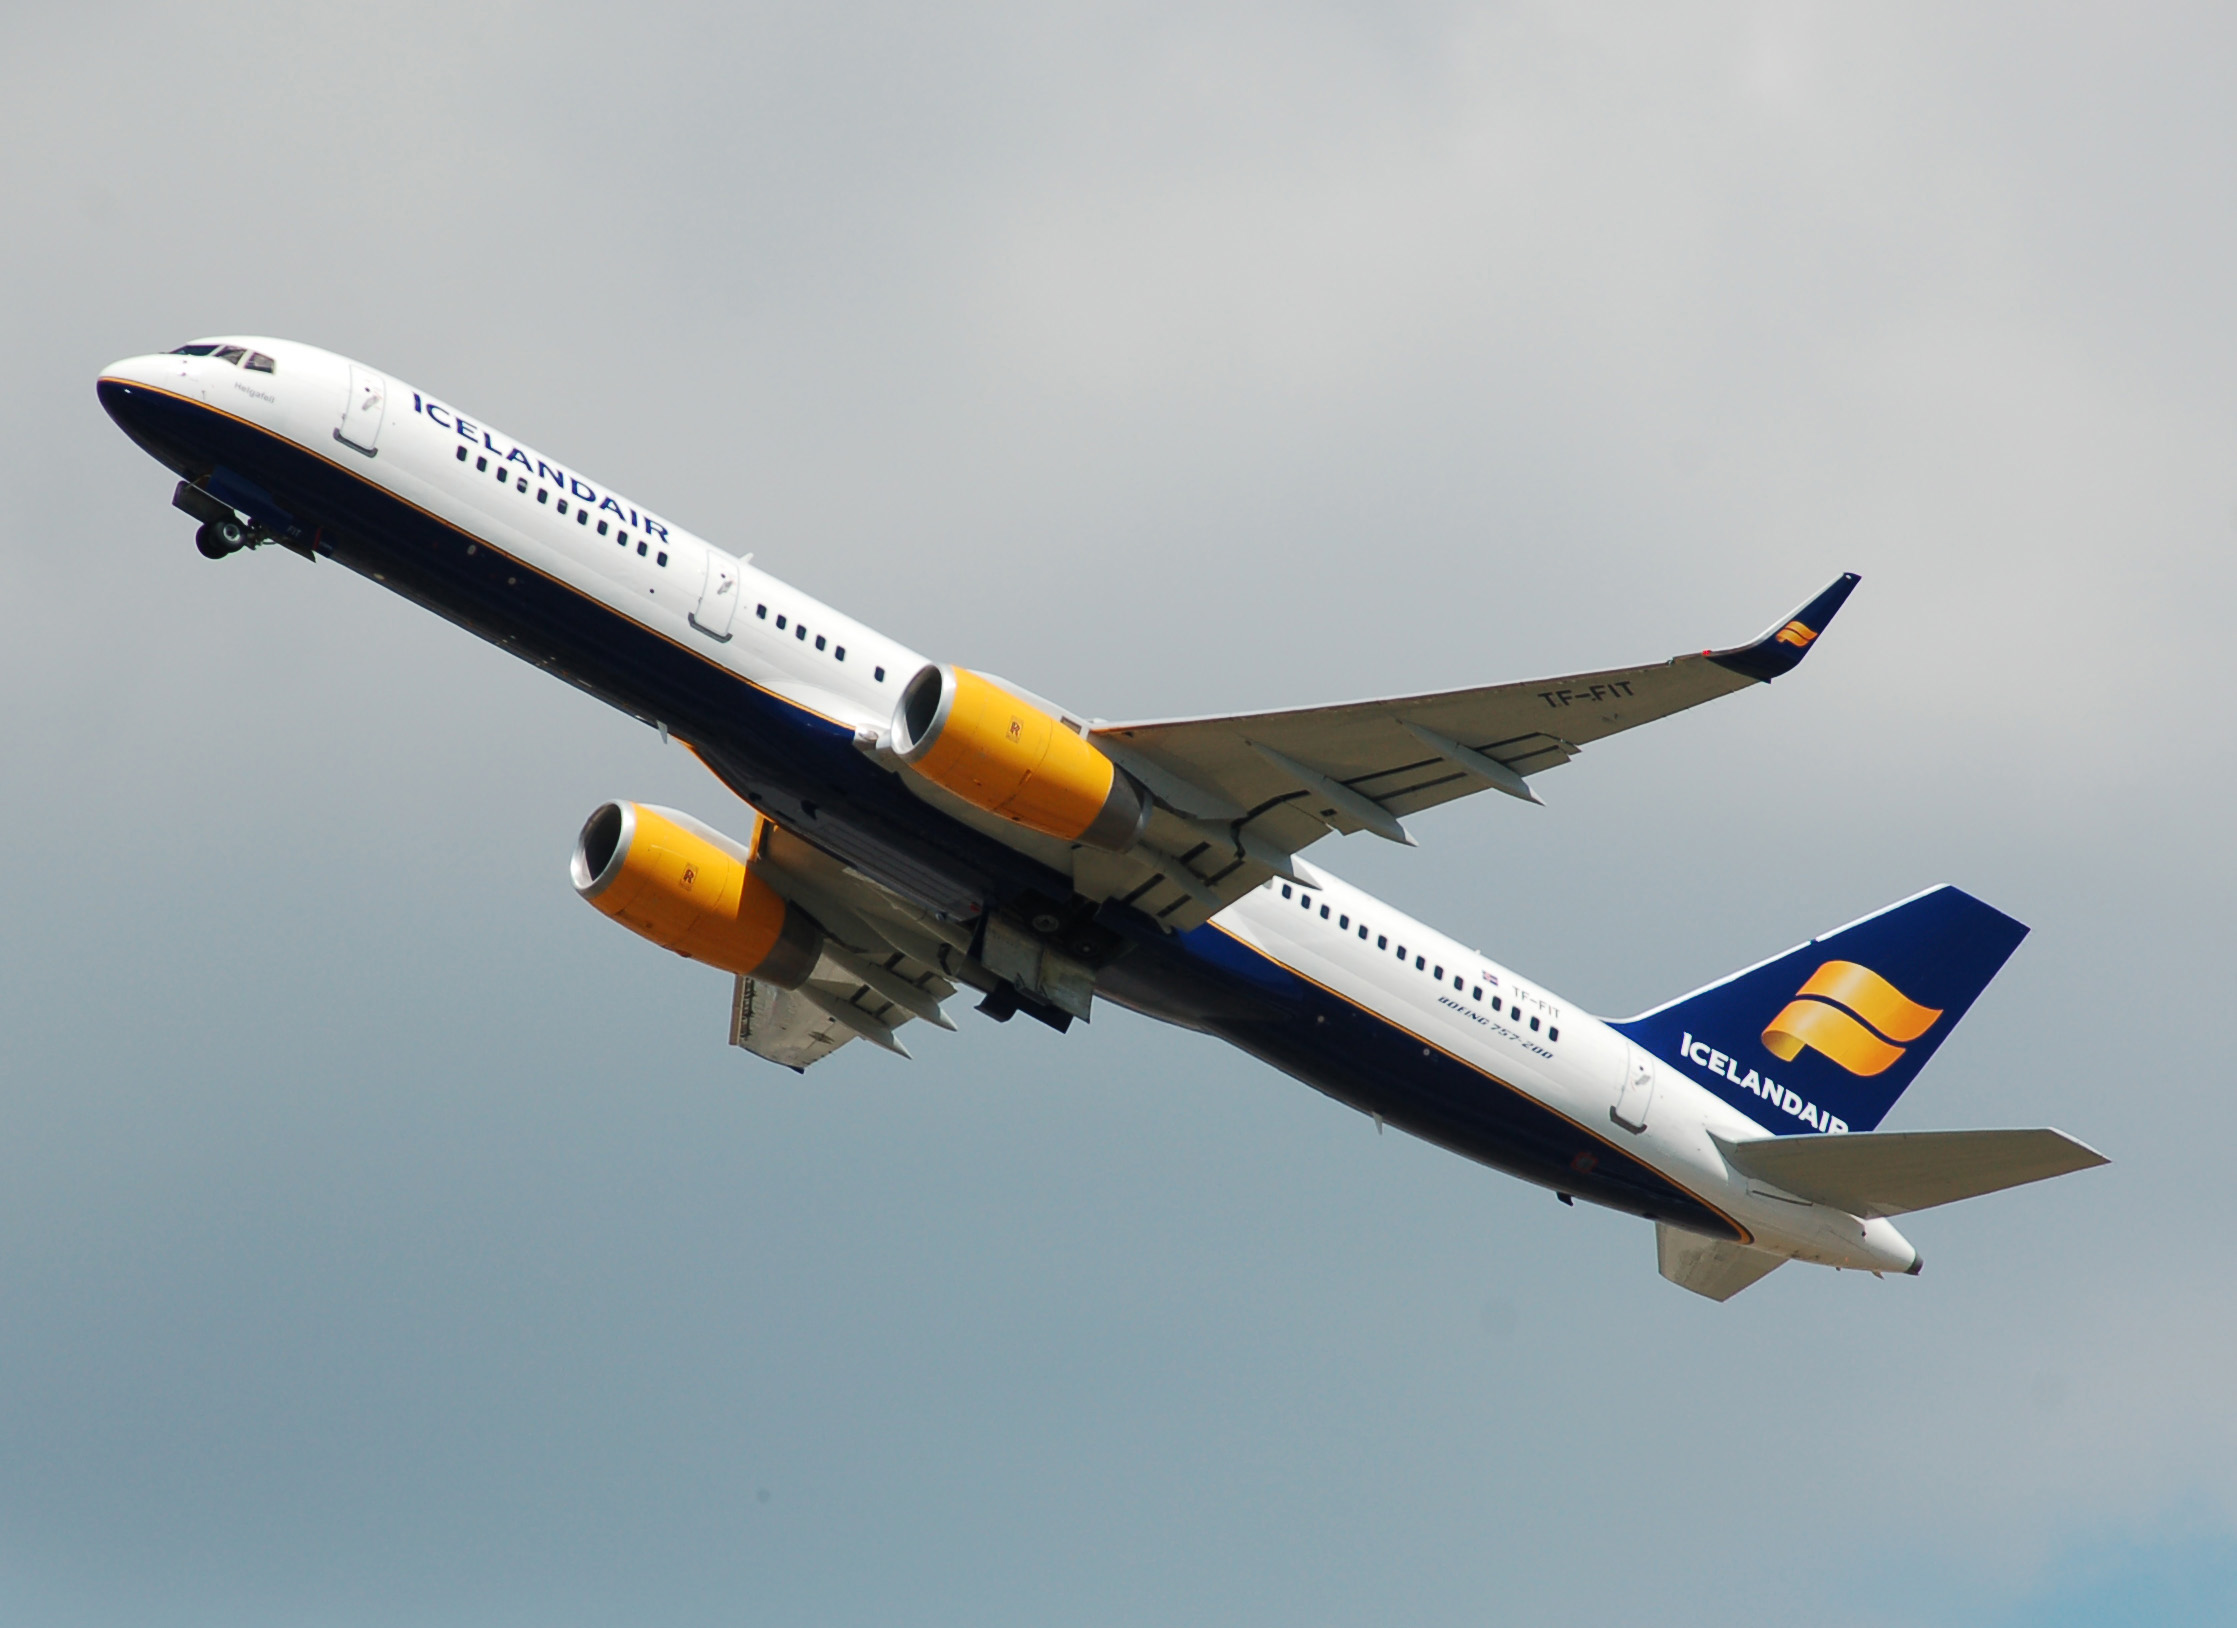 File:Icelandair Boeing 757-200 (TK-FIT) departs London ...  File:Icelandair...